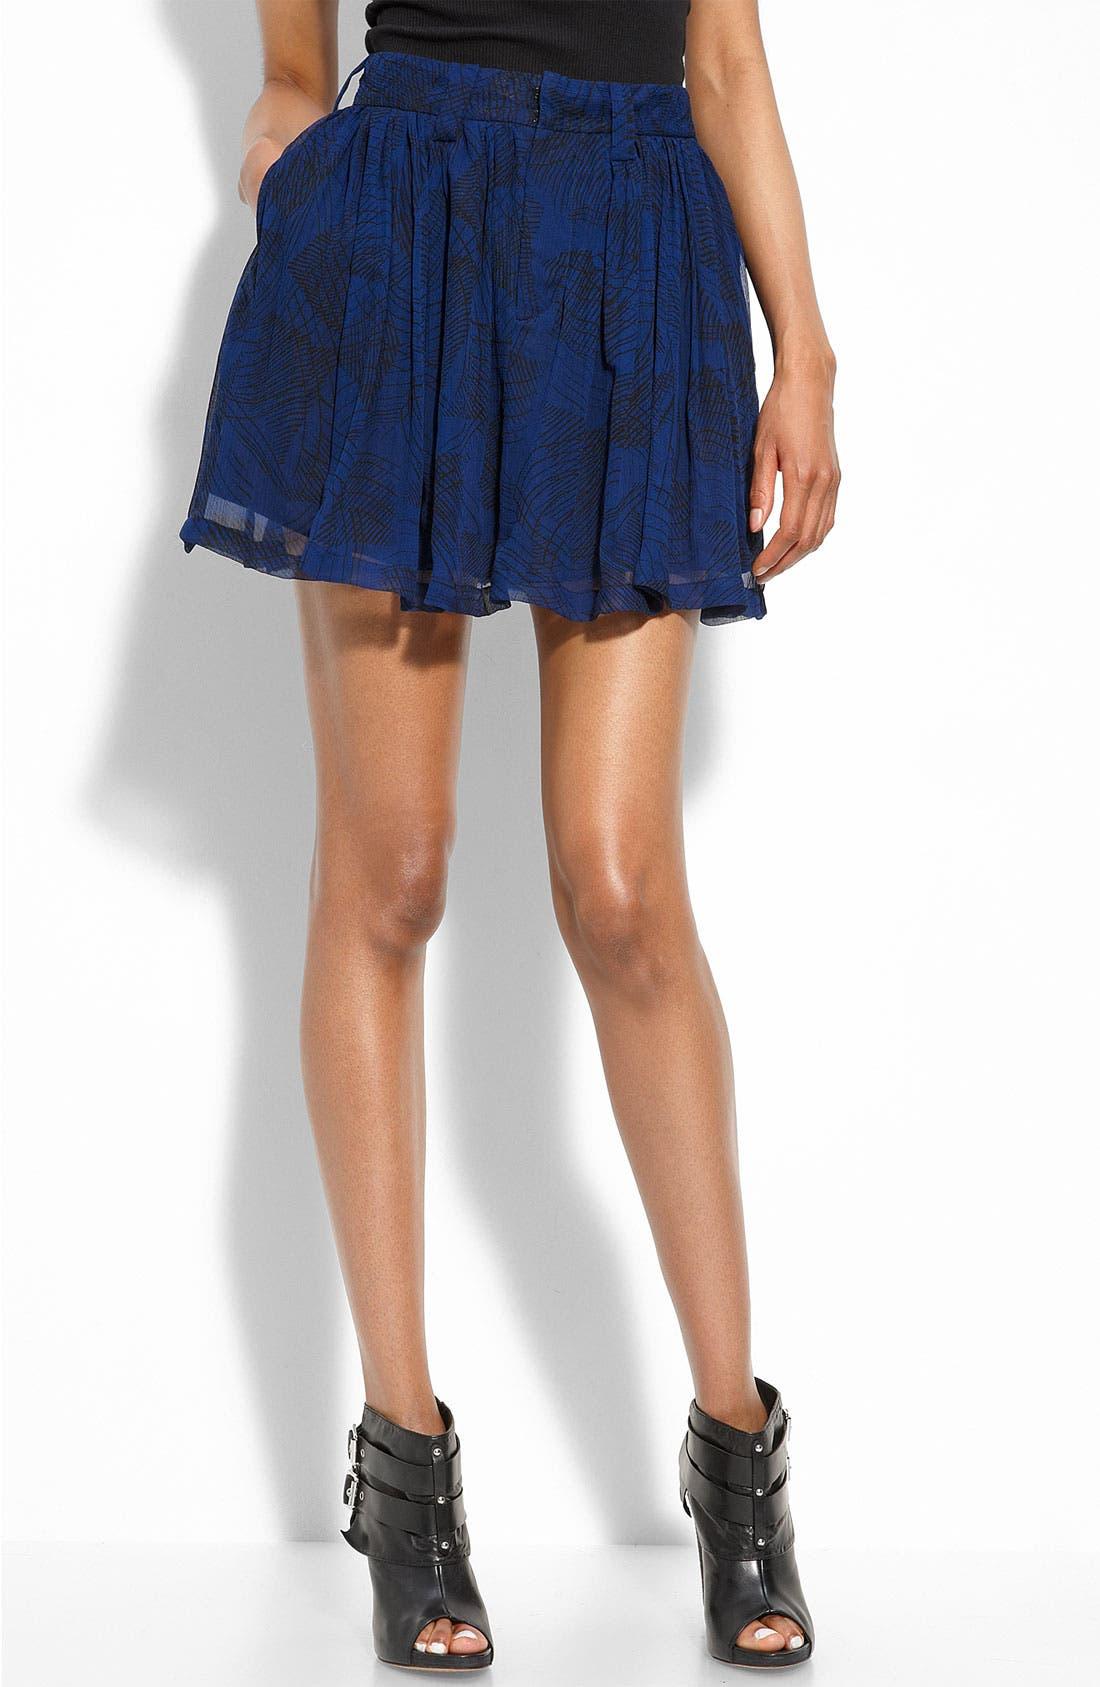 Main Image - Winter Kate 'Tilda' Skirt